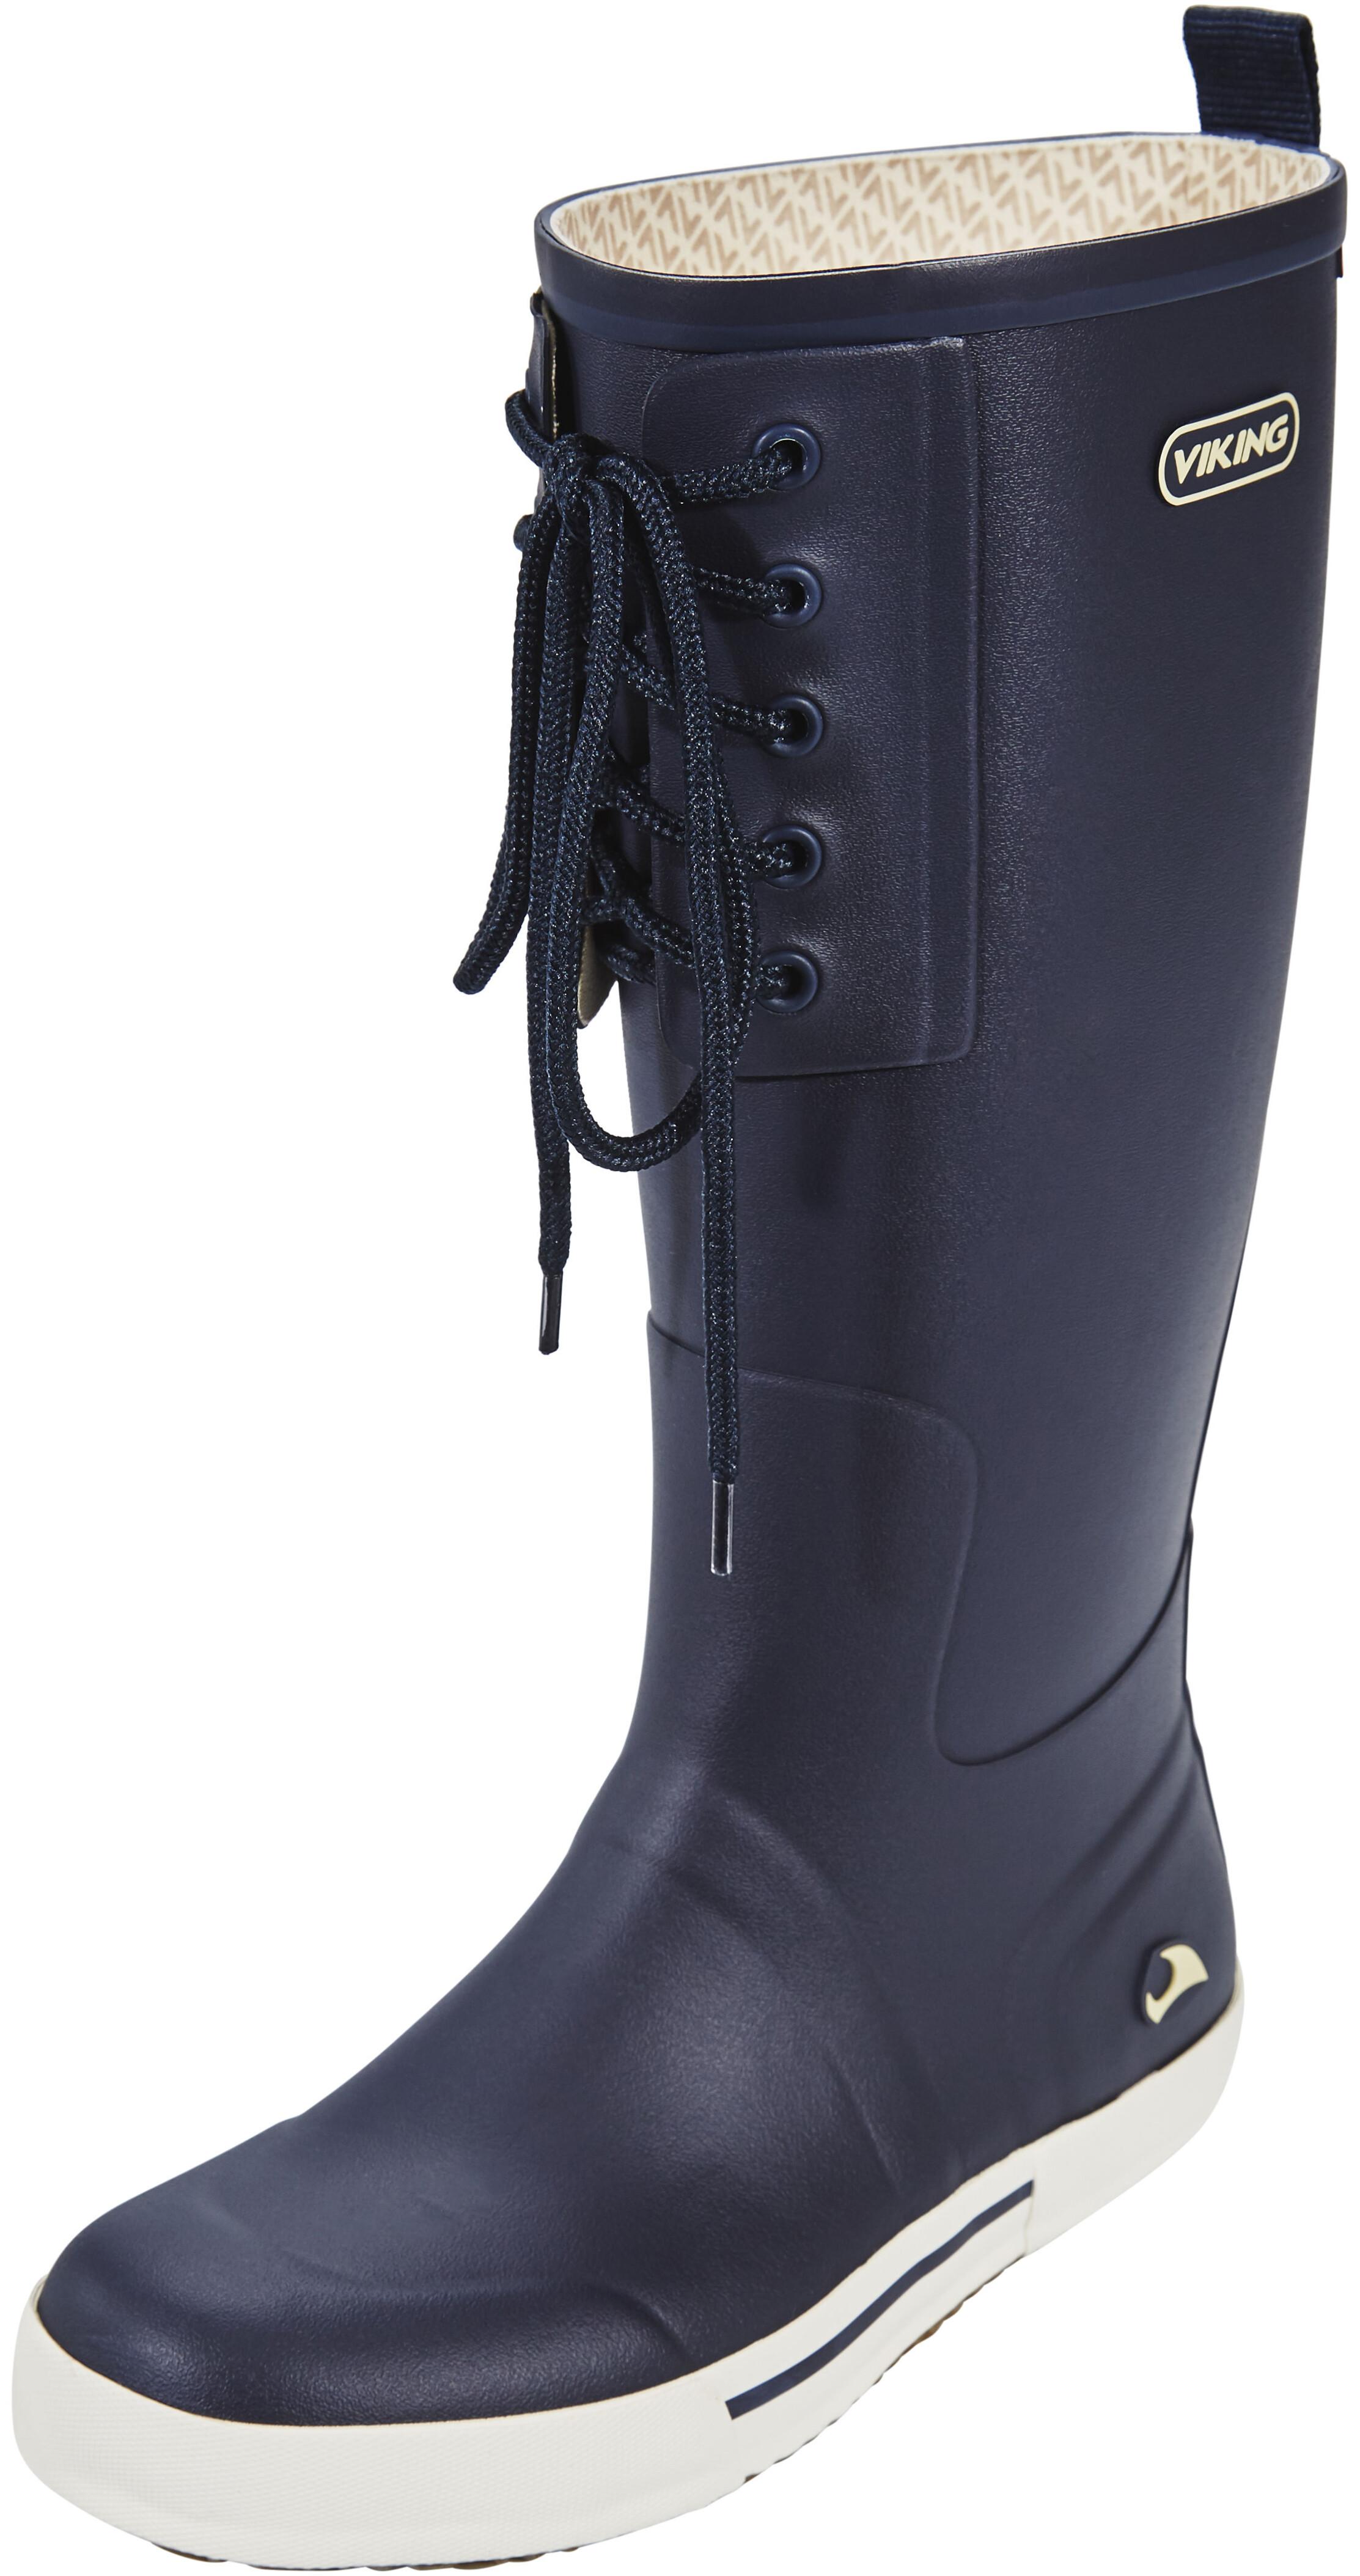 viking footwear lykke bottes en caoutchouc femme bleu. Black Bedroom Furniture Sets. Home Design Ideas